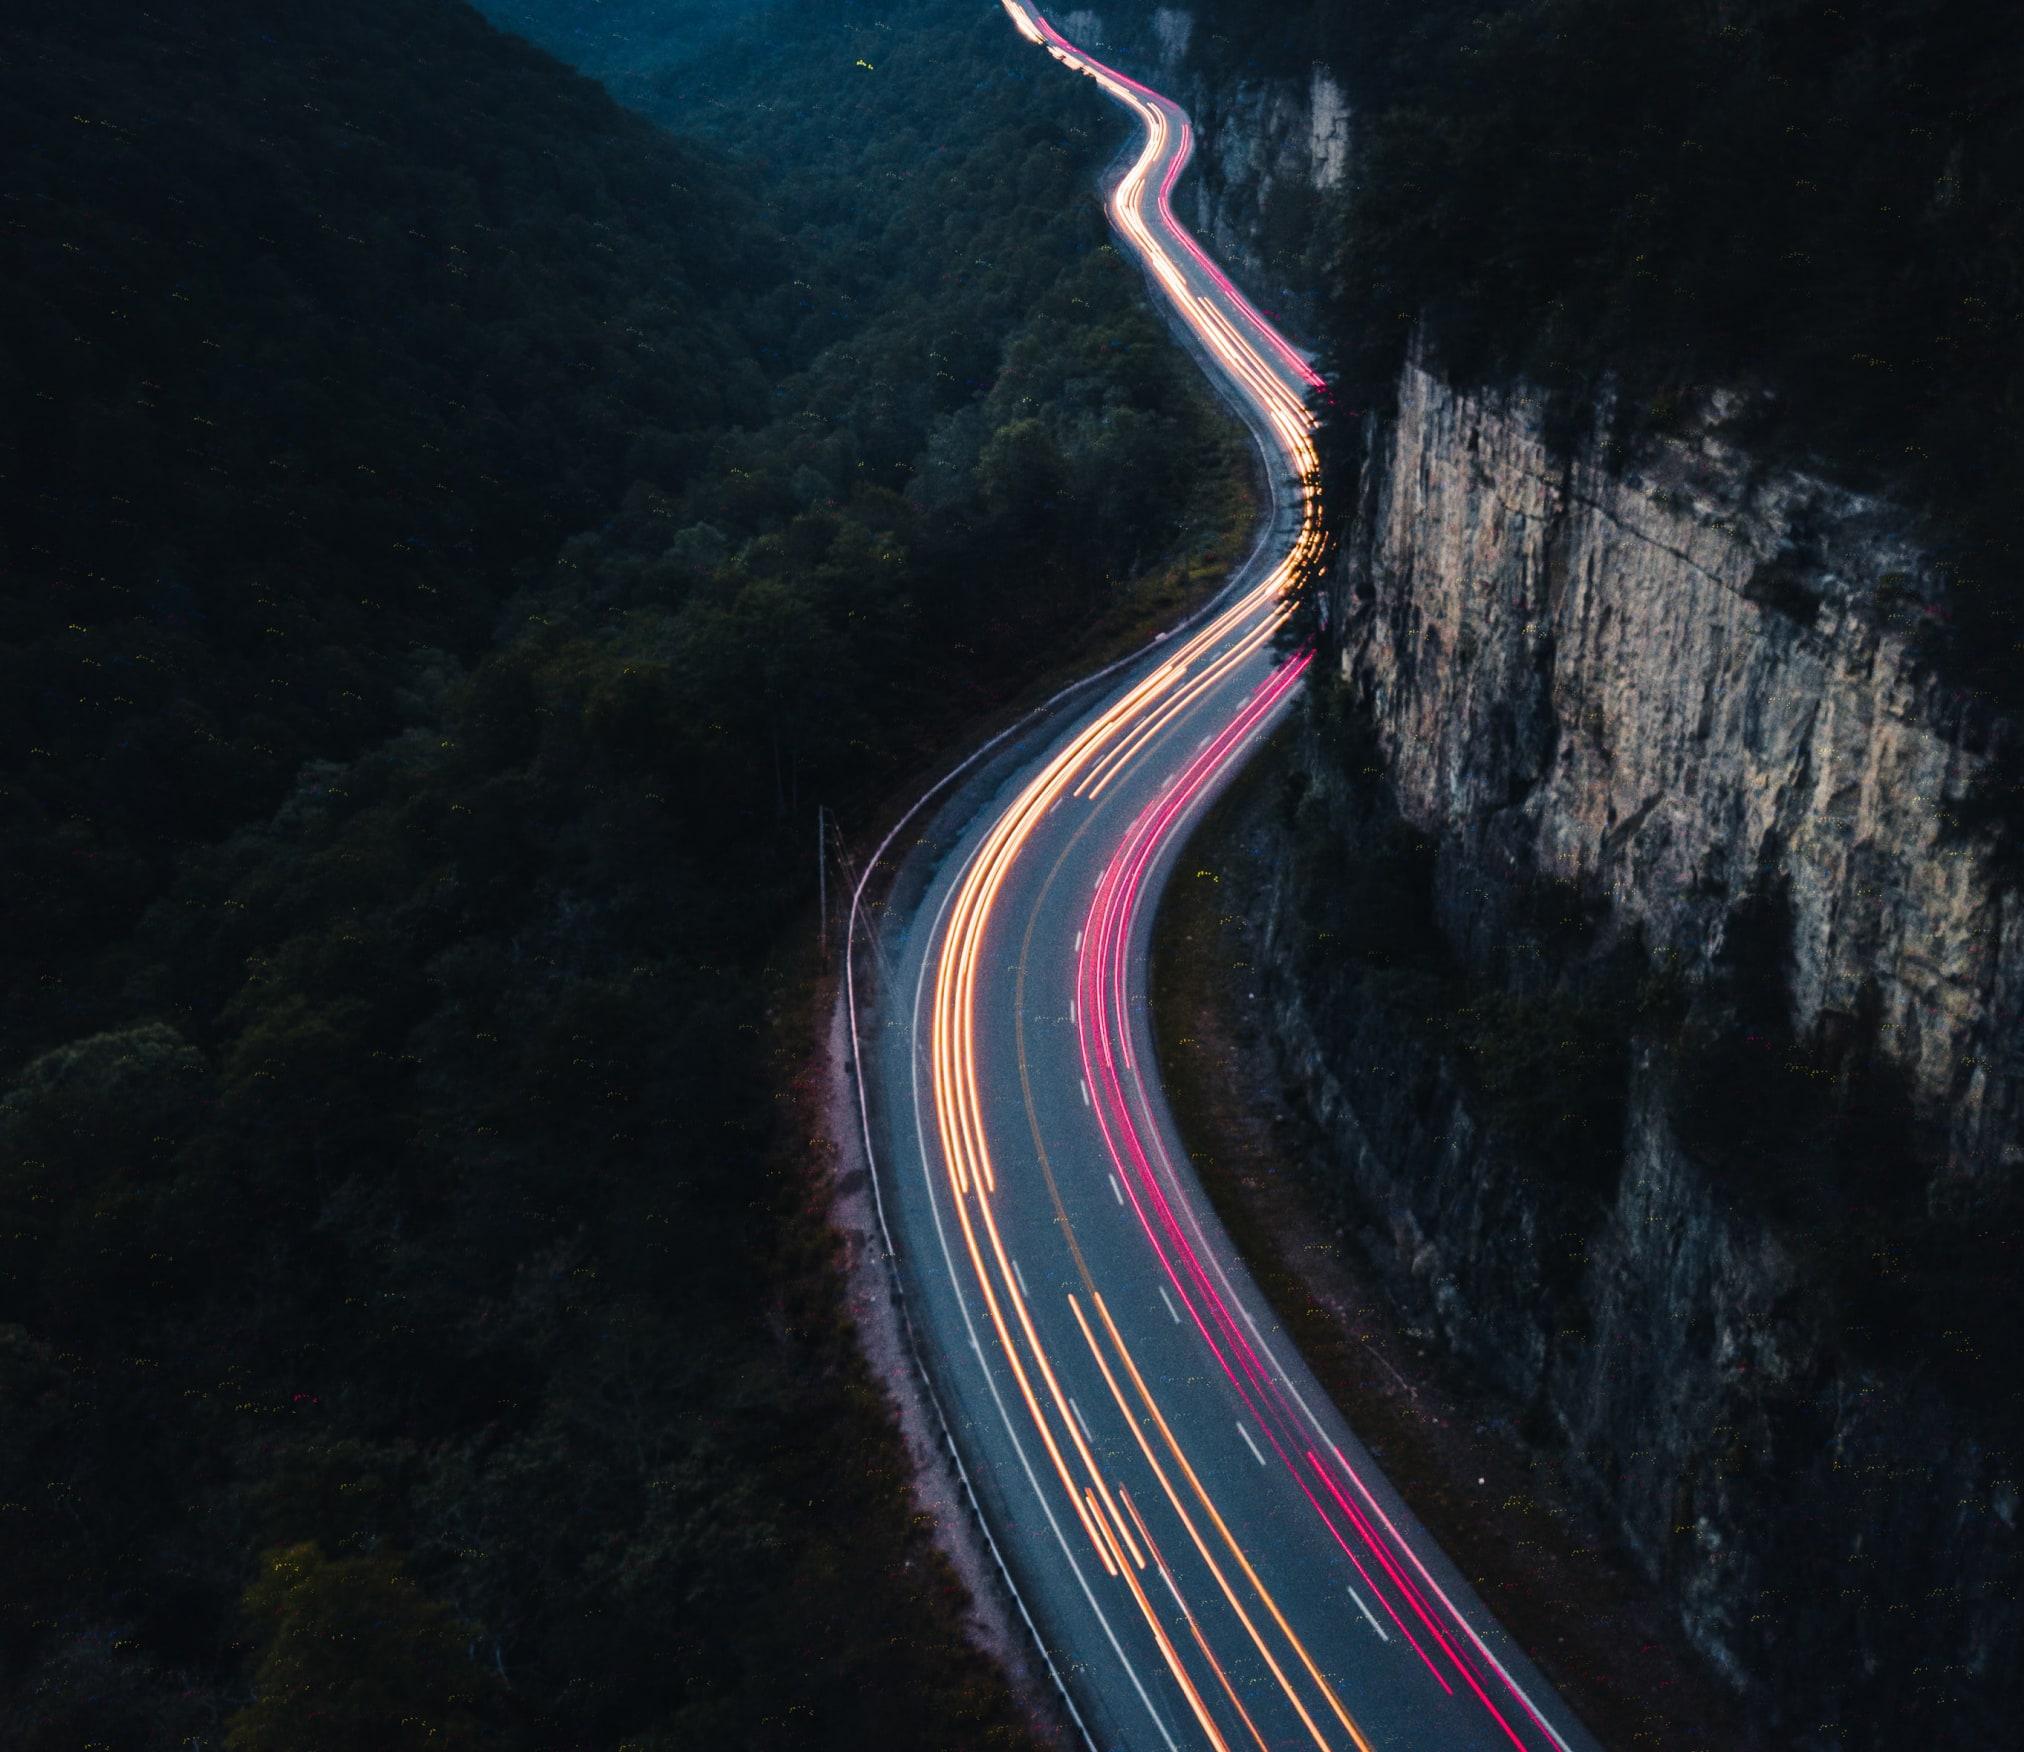 Estela de luces de coches